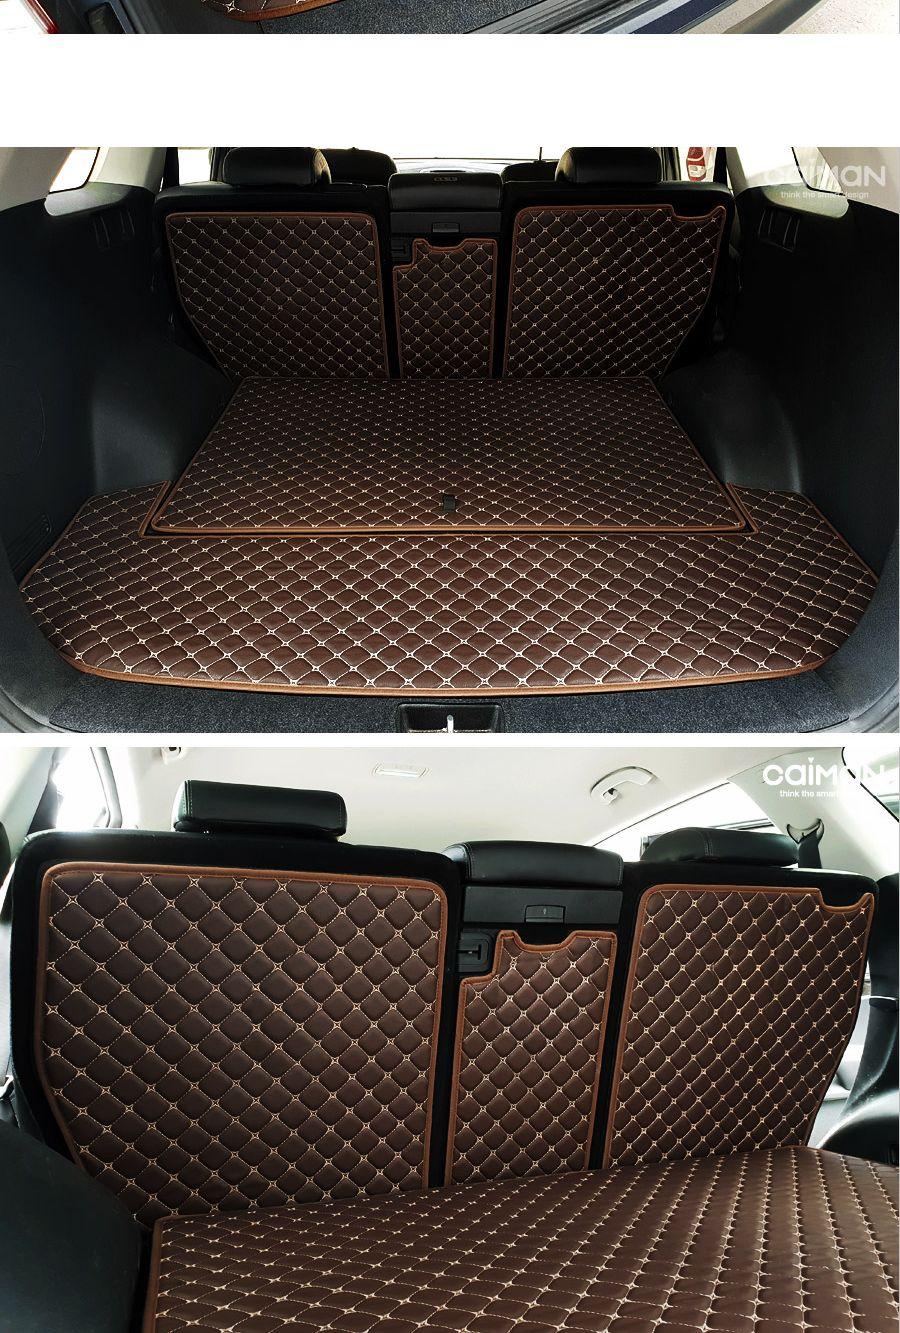 (5인승-브라운) 카이만 퀄팅 레더트렁크 매트 (올뉴  트렁크용매트 자동차레더트렁크매트 레더트렁크매트 자동차트렁크매트 차량용매트